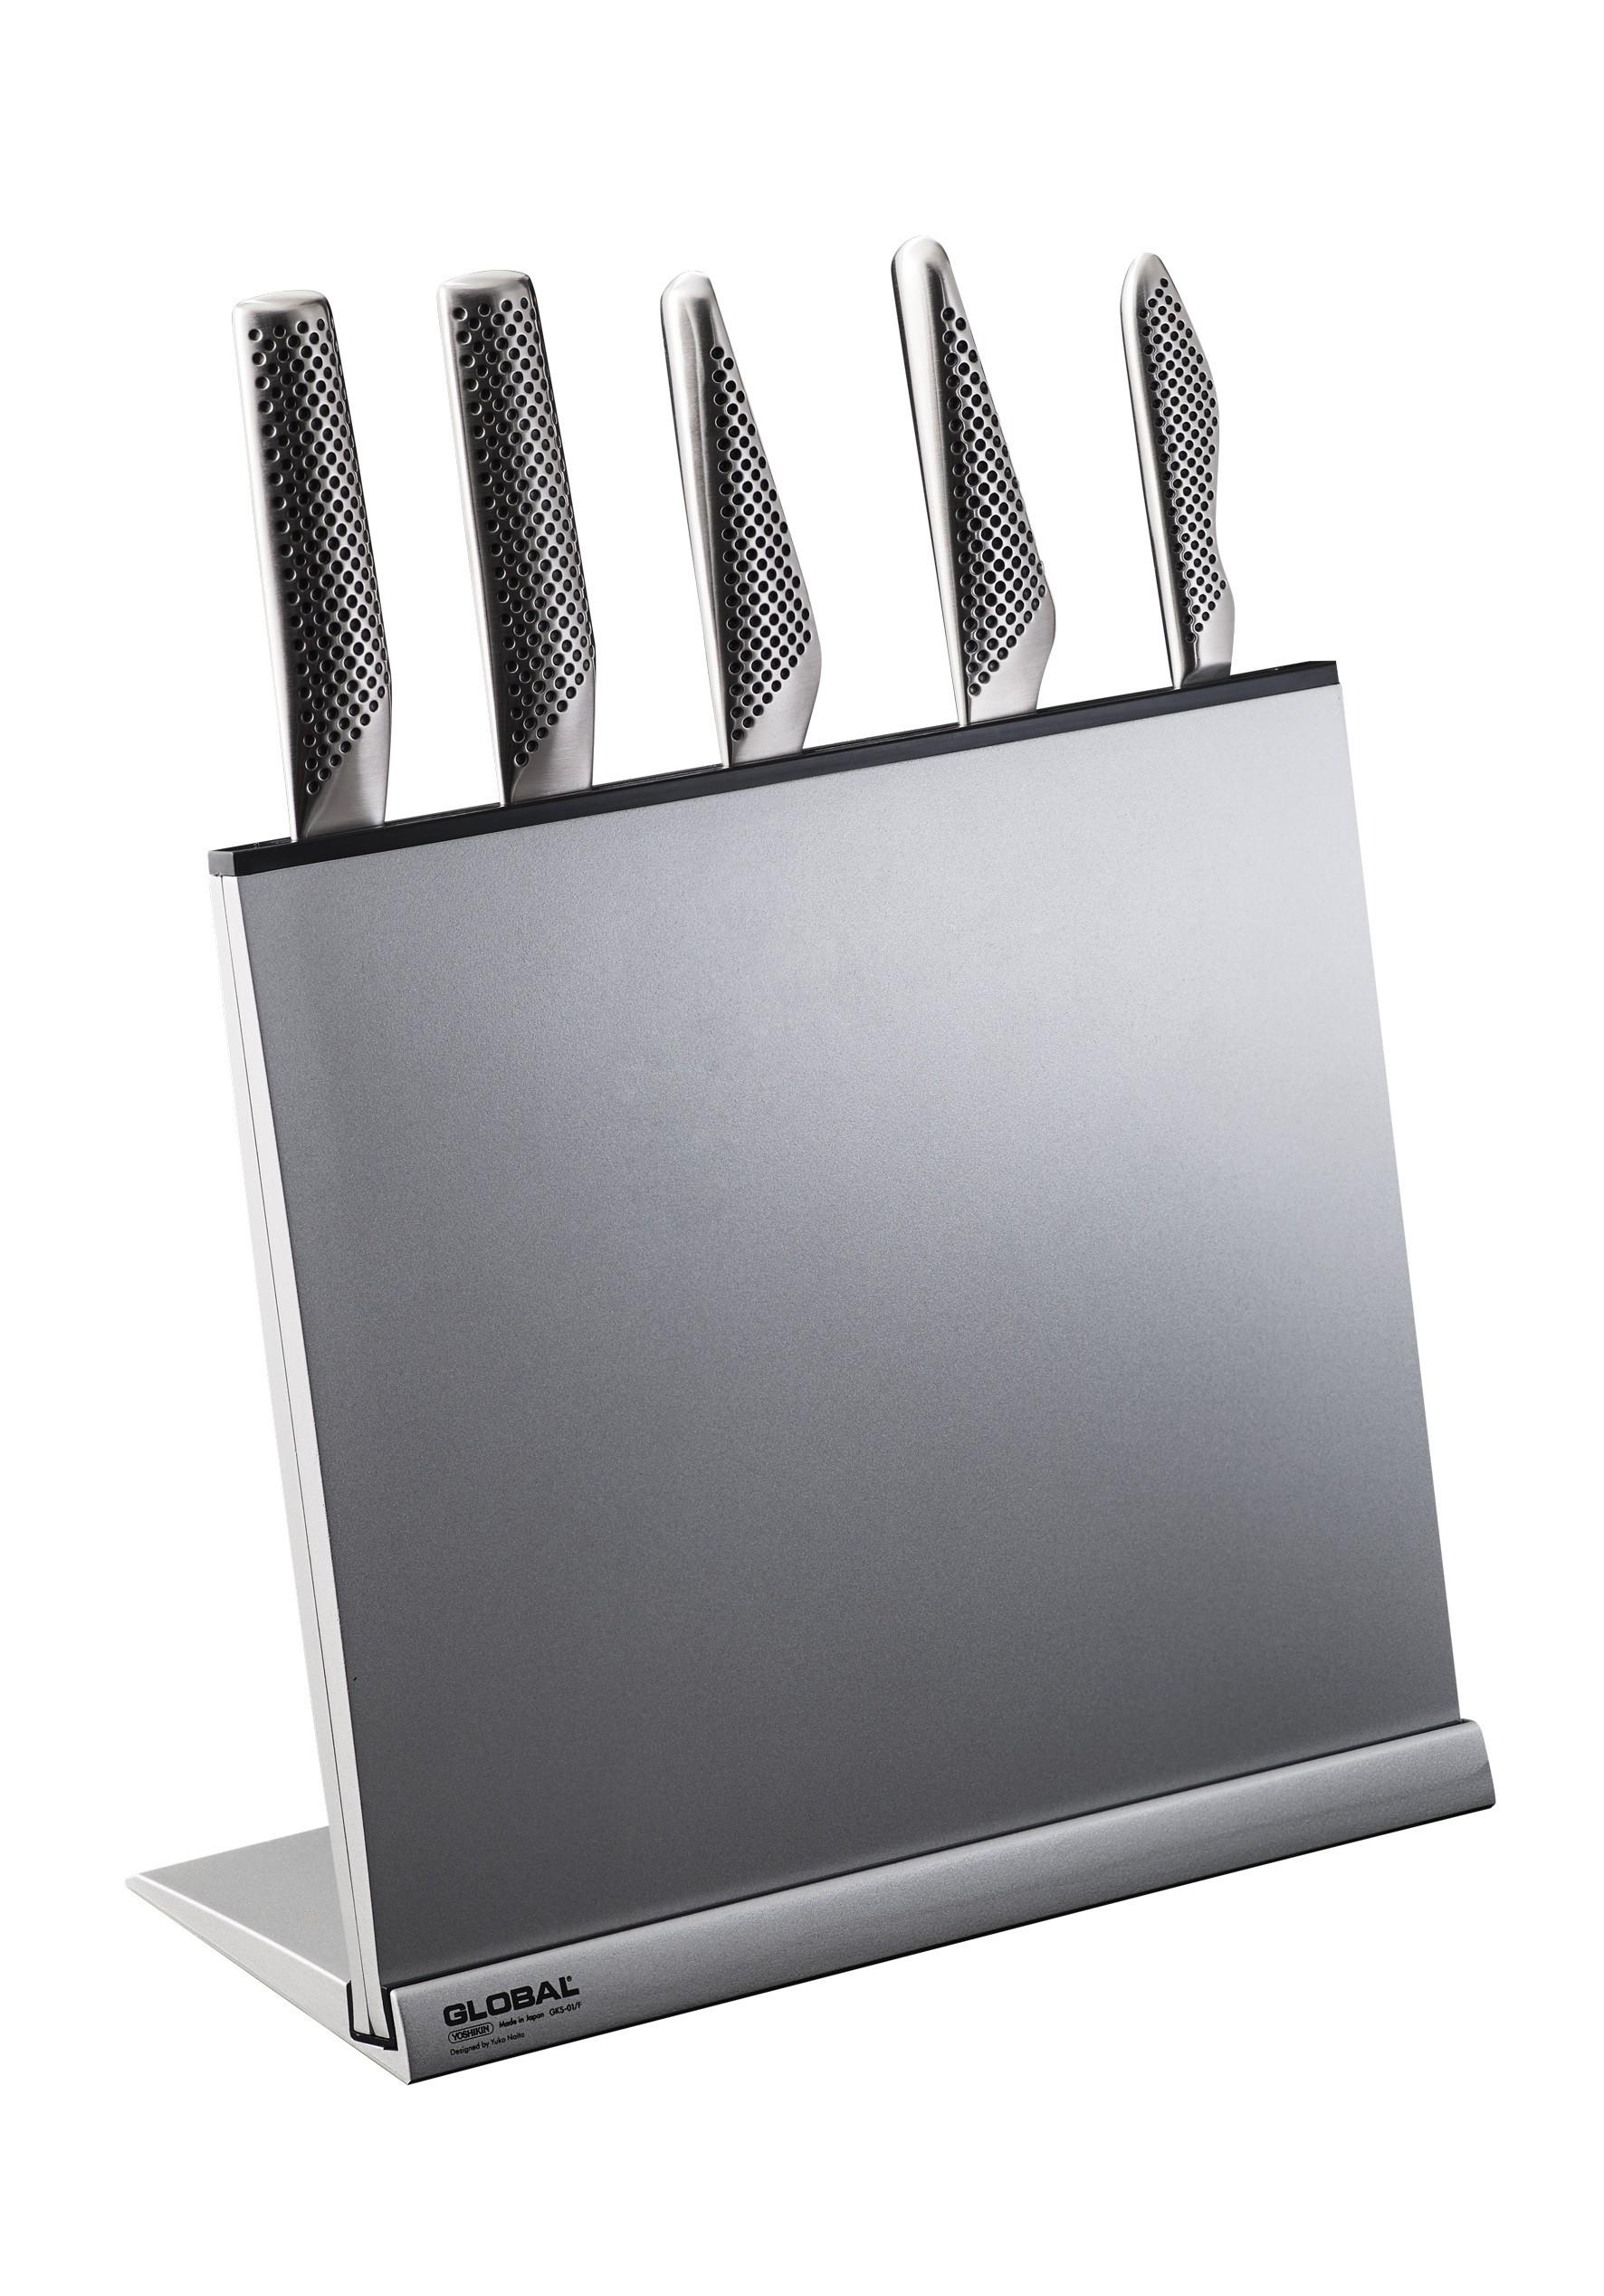 global knives 6 piece knife stand set - kitchenknives.co.uk